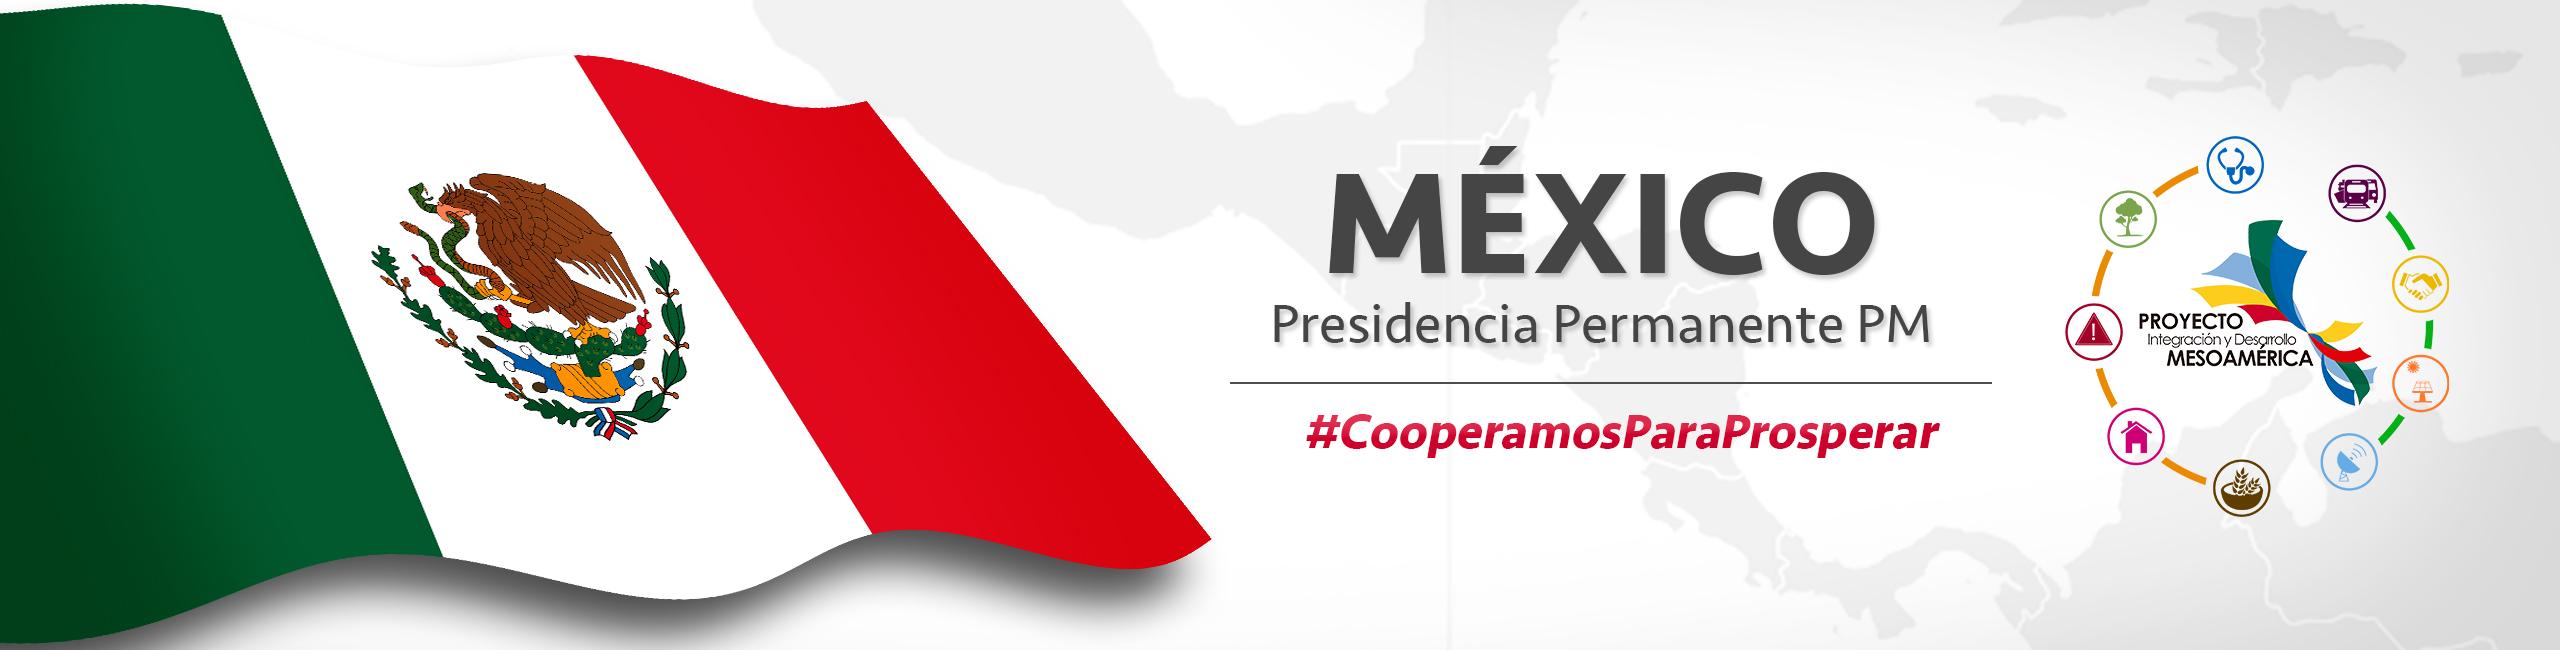 Banner-Mxico-Presidencia-Permanente